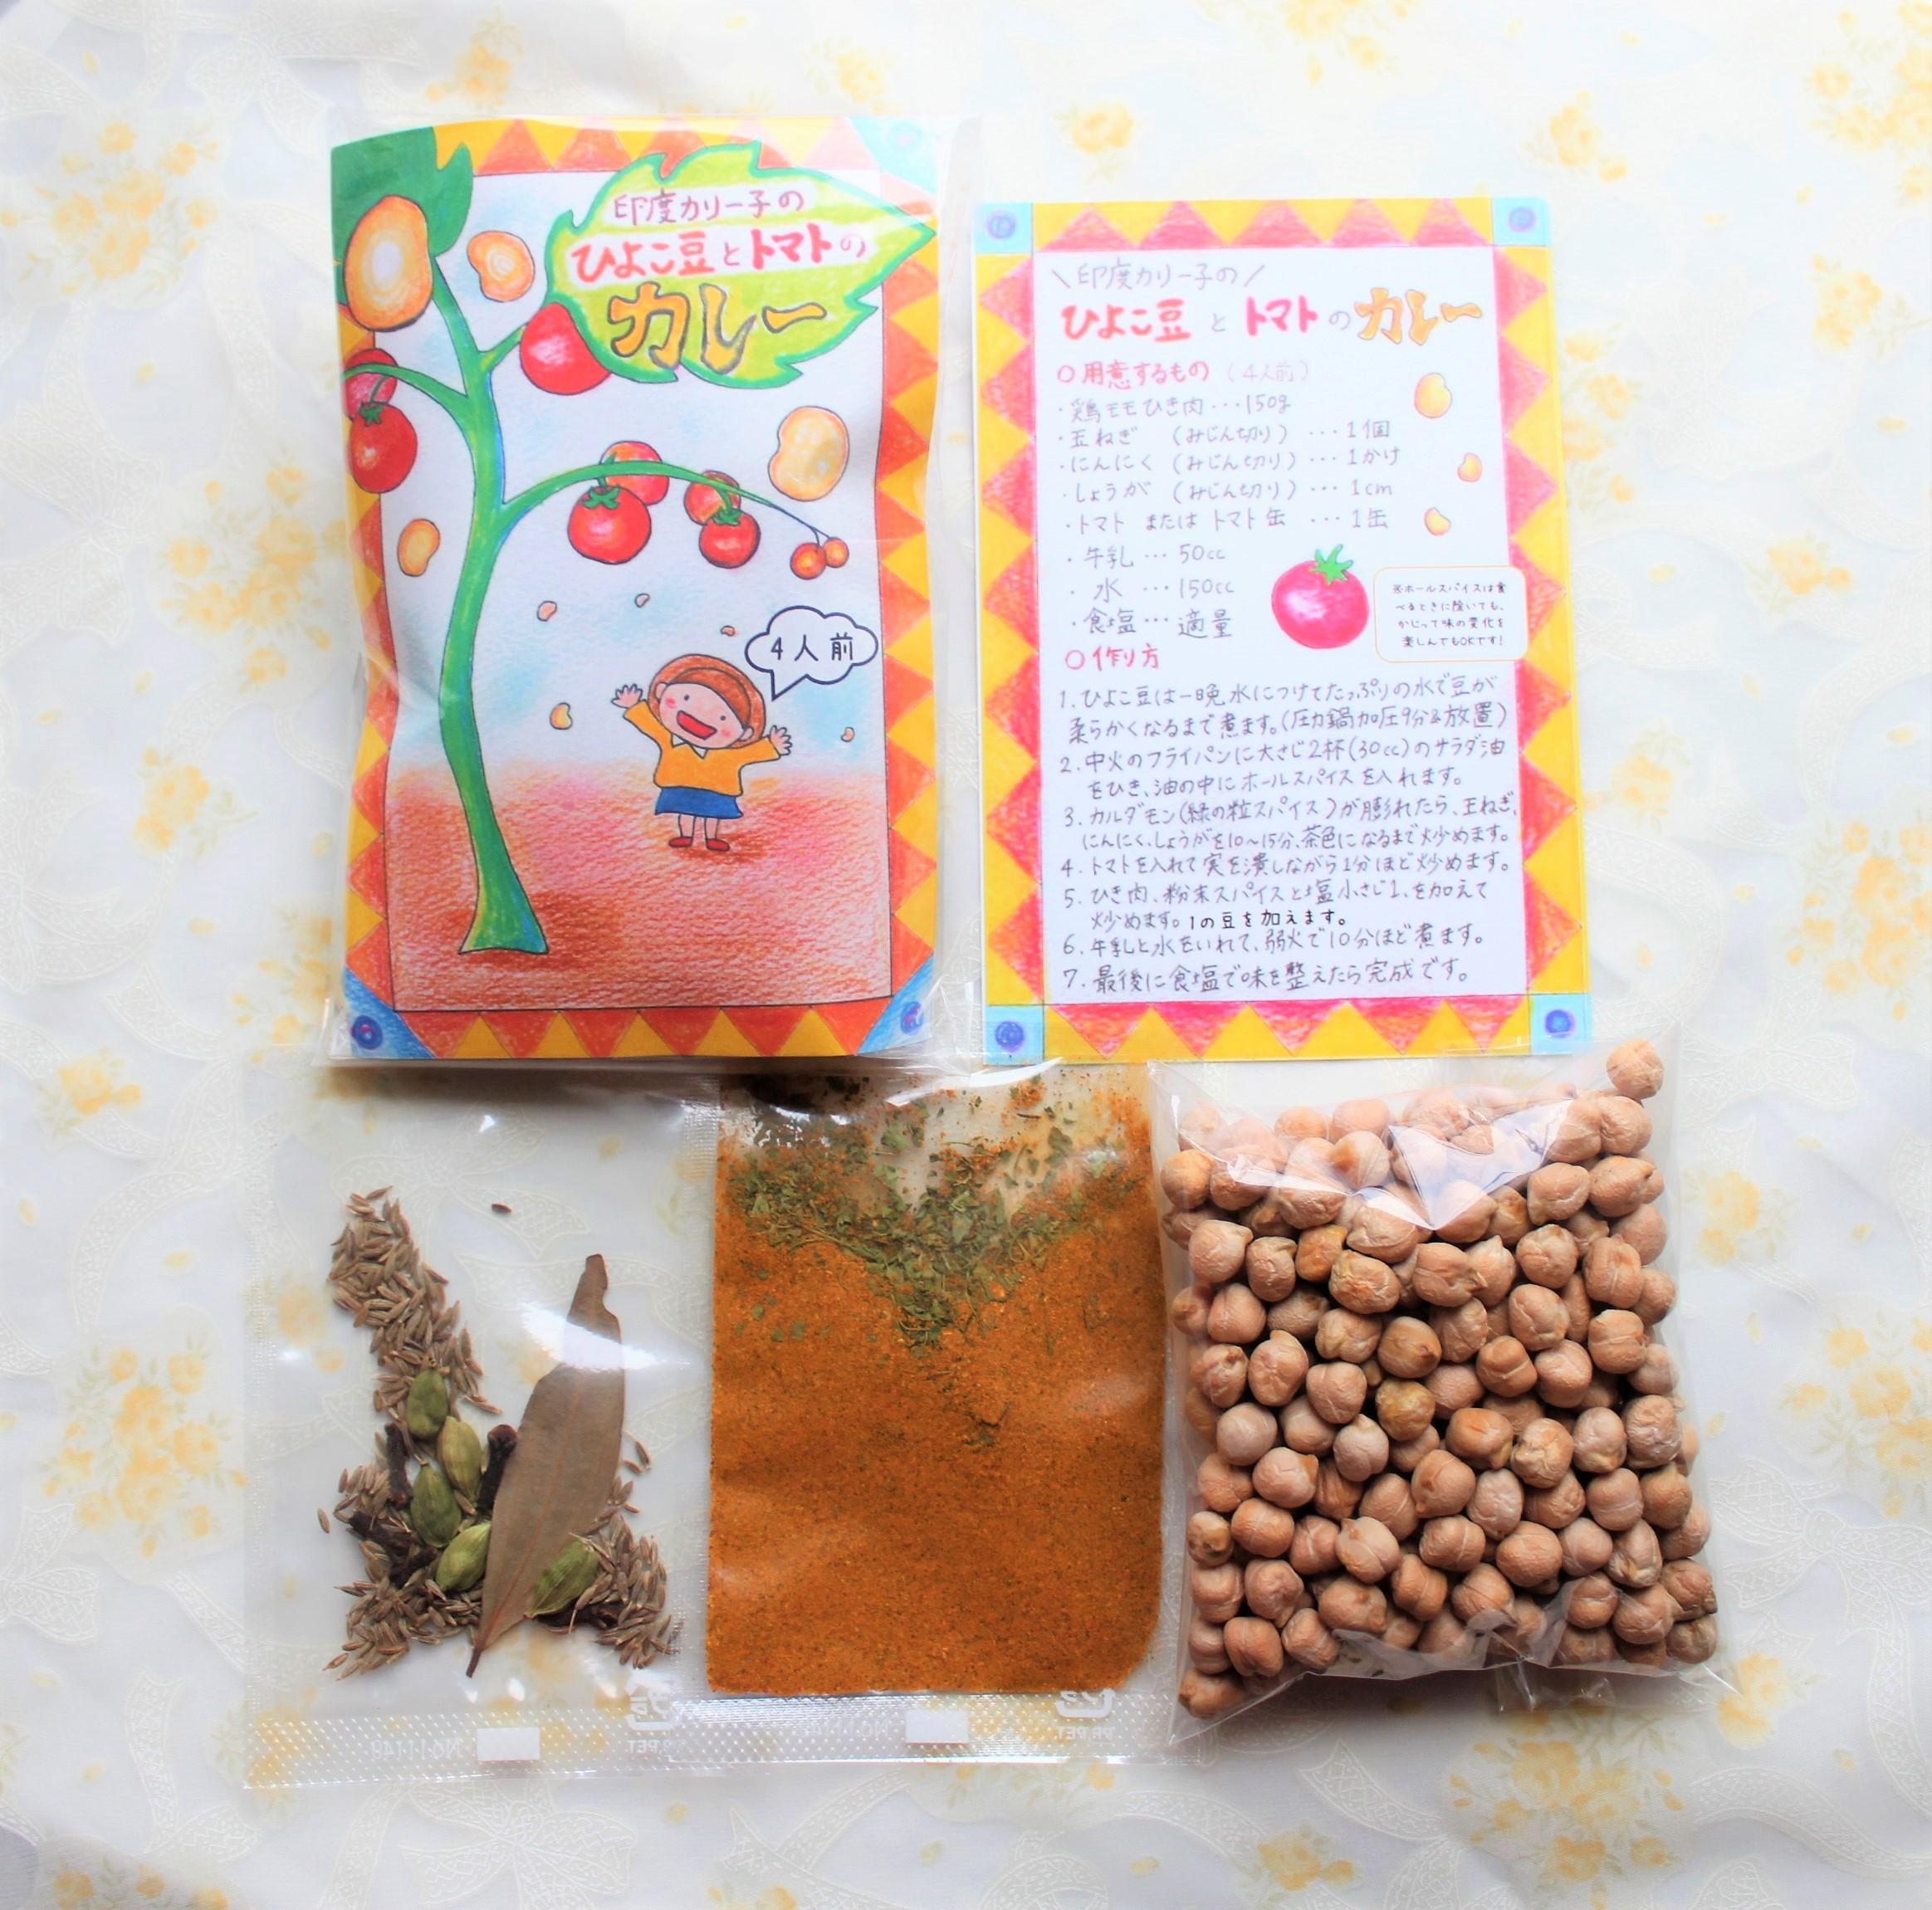 【美容&ヘルシー】ひよこまめとトマトのカレー 豆付きスパイスセット 4人前